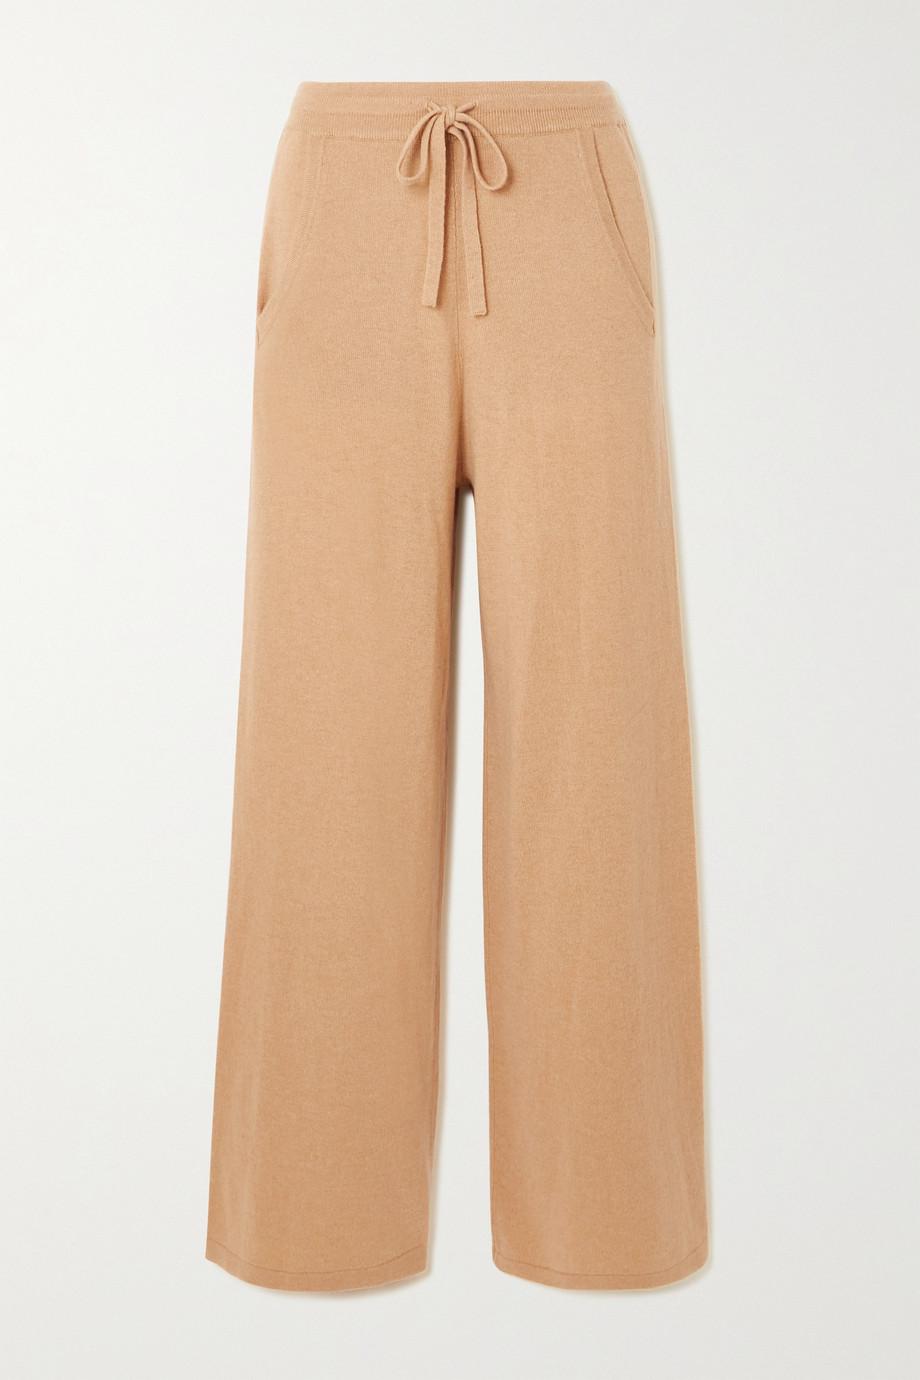 Arch4 Pantalon de survêtement en cachemire - NET SUSTAIN